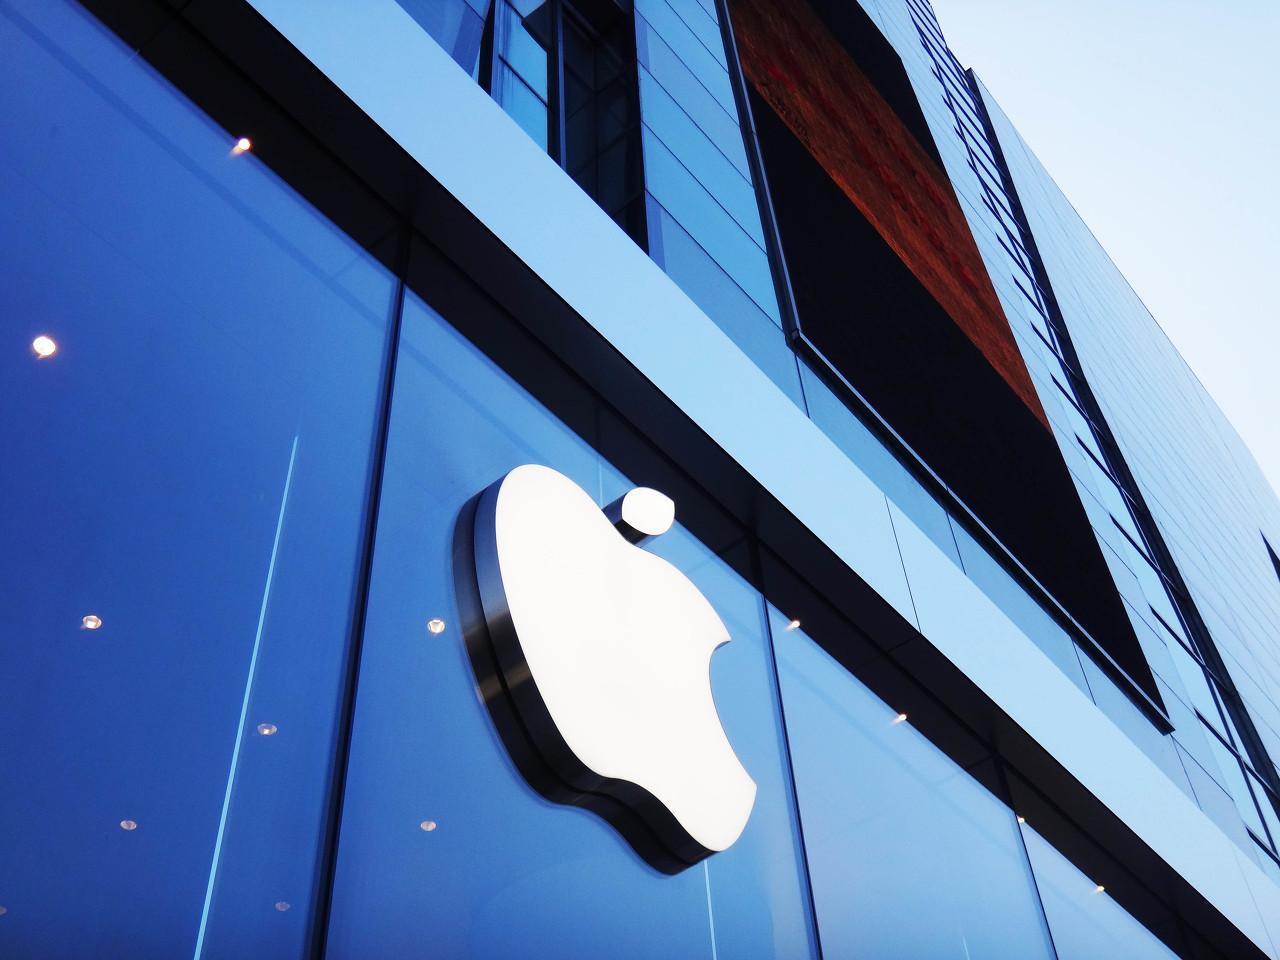 苹果第四财季净利润136.86亿美元 同比下滑3%